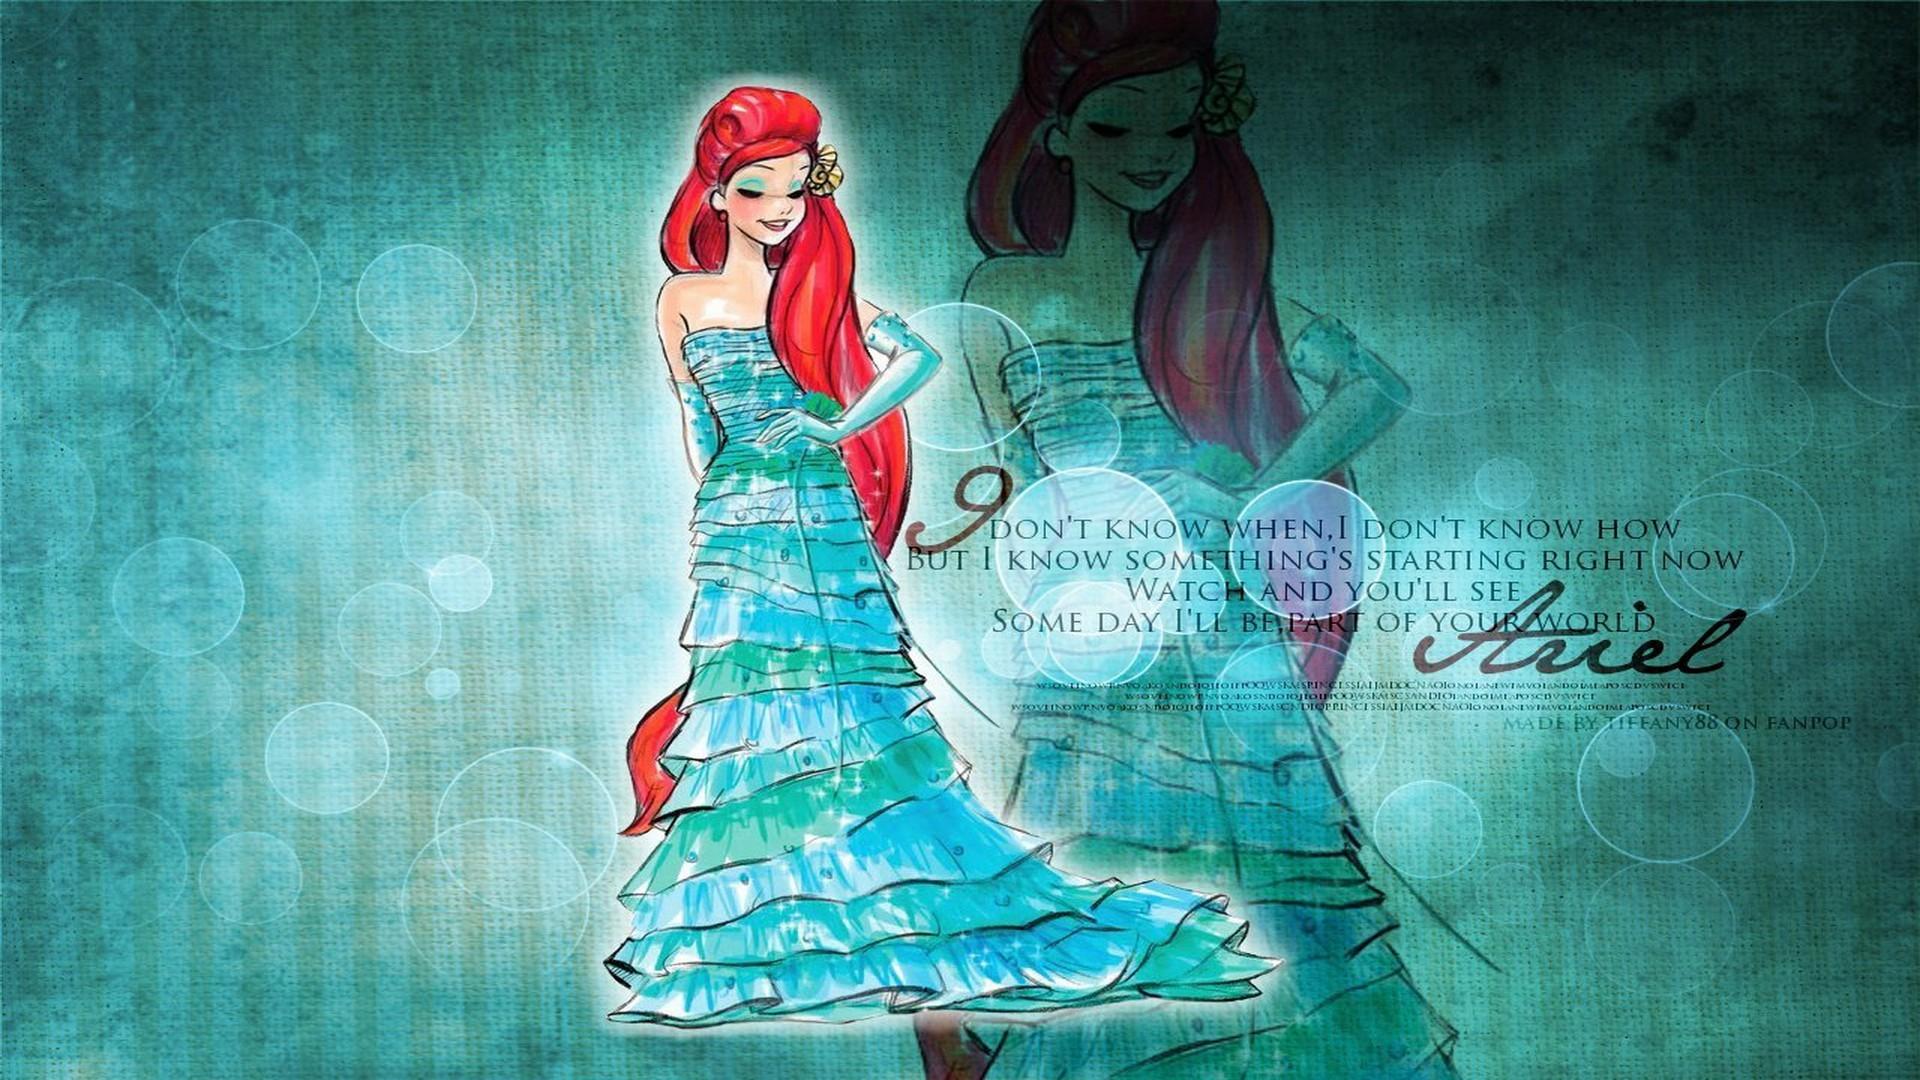 adult princess quotes wallpapers for desktop | Walt Disney Princess Ariel  HD Wallpaper Walt Disney Princess